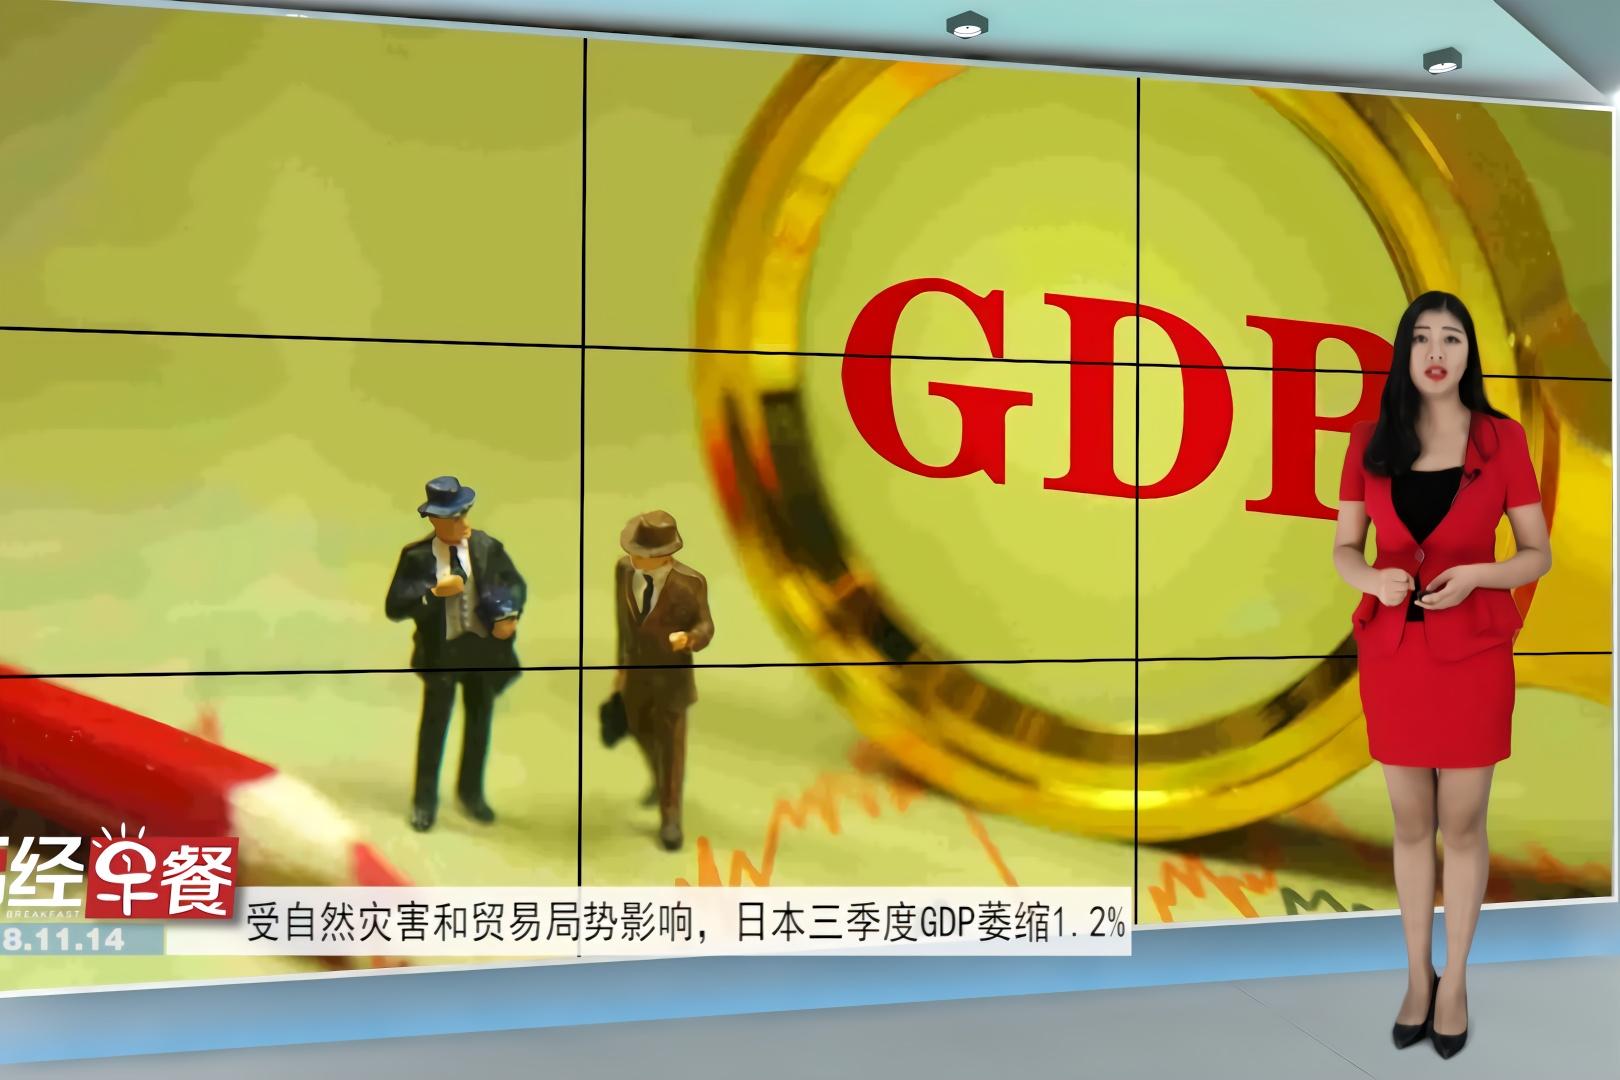 受自然灾害和贸易局势影响,日本三季度GDP萎缩1.2%